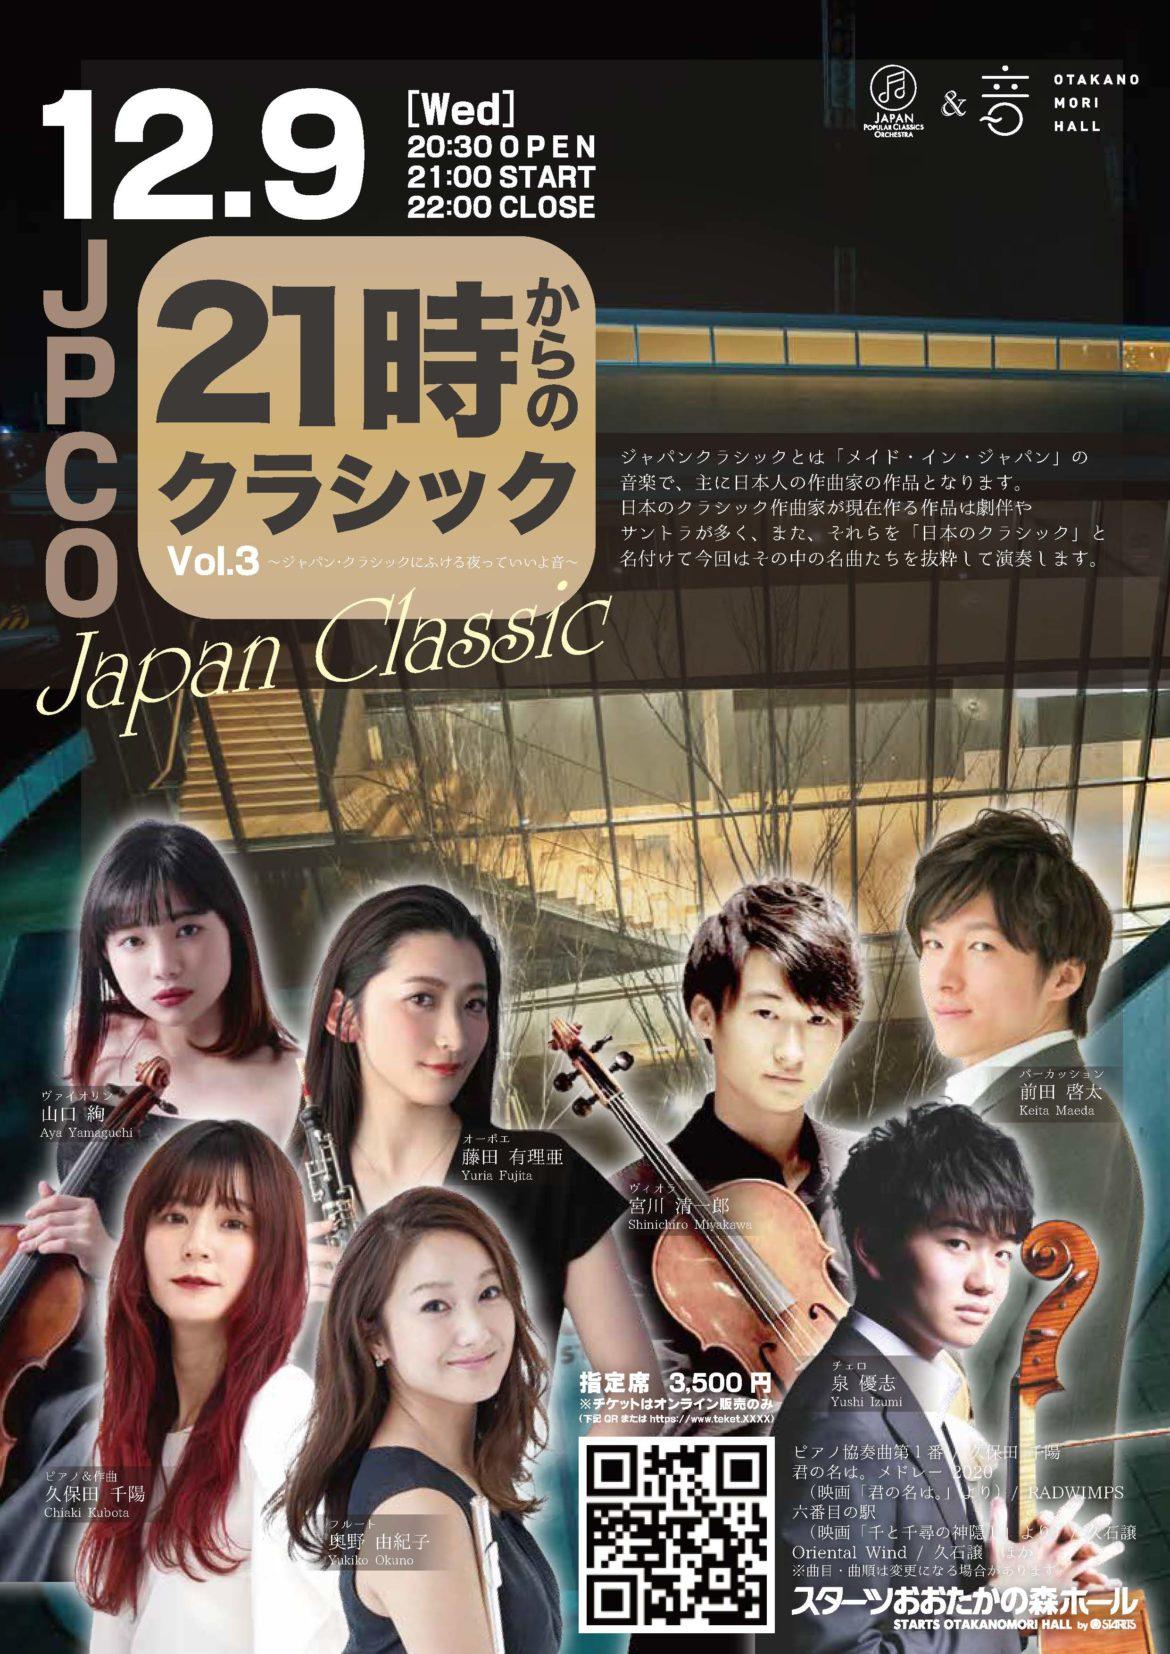 2020.12.9 【JPCO出演】21時からのクラシック vol.3  ~ジャパン・クラシックにふける夜っていいよ音~